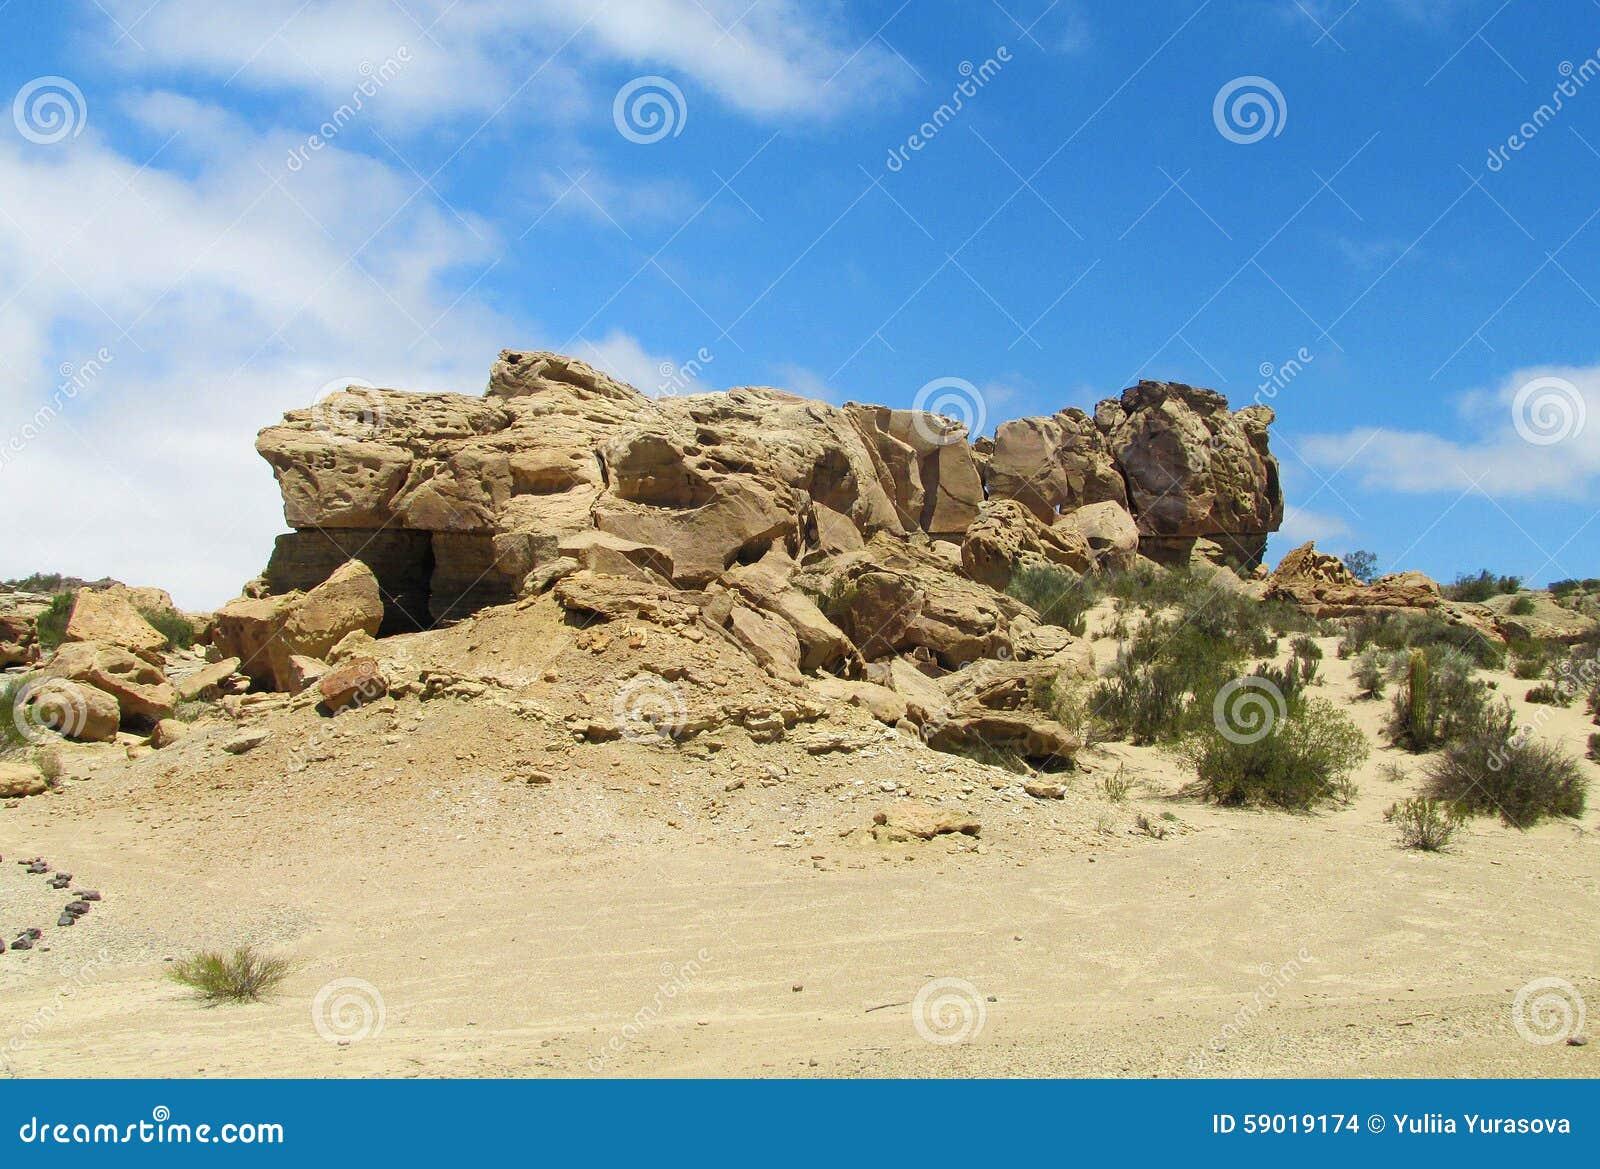 La Luna (Ischigualasto), Argentine de Valle De de formations de roche